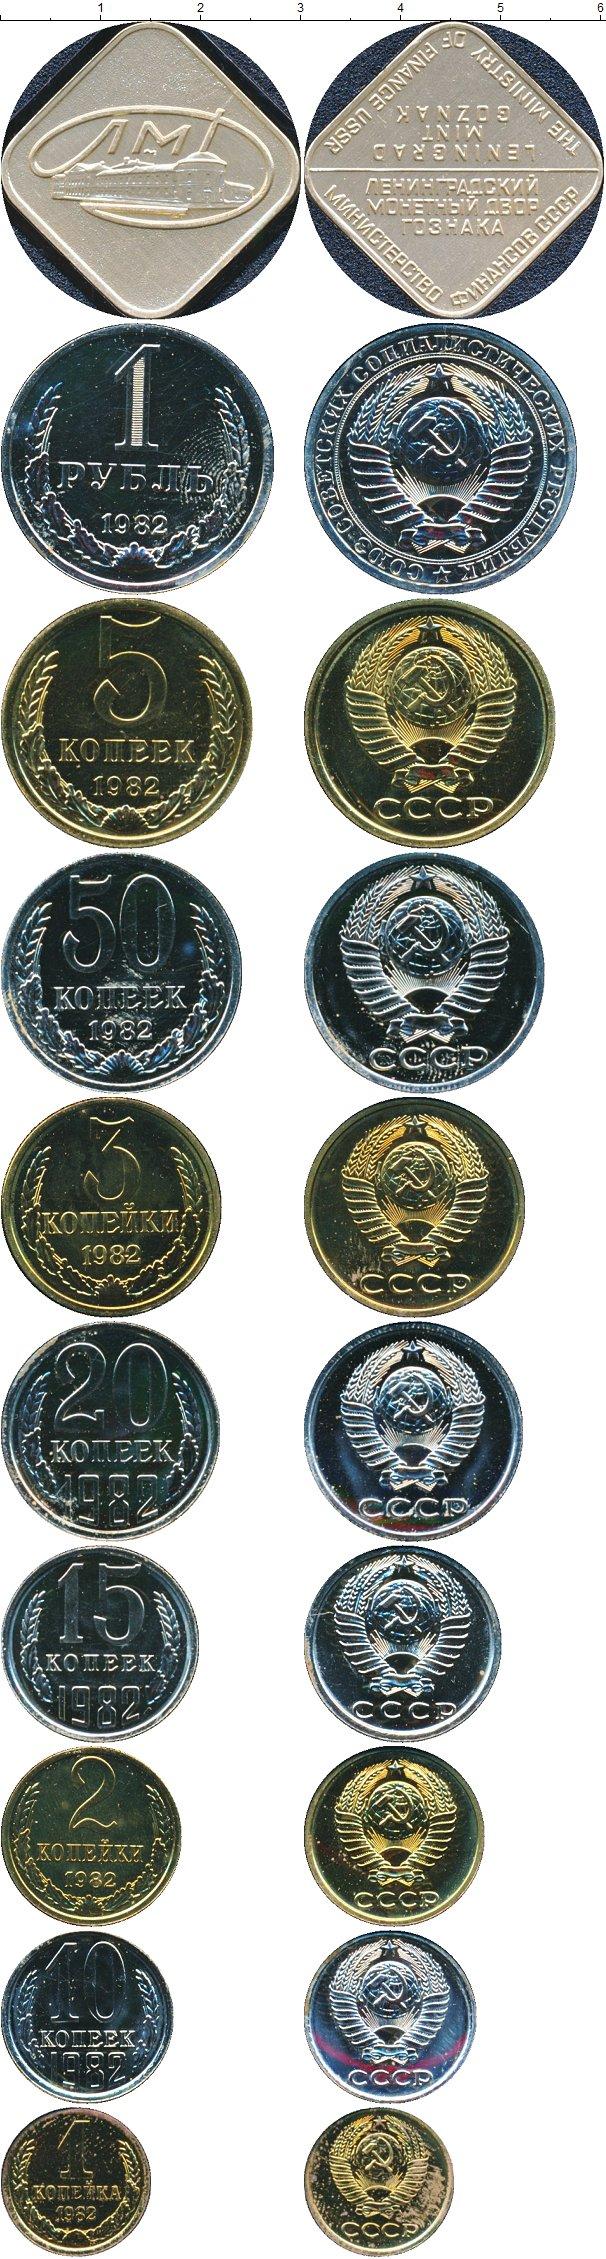 Картинка Подарочные монеты СССР Выпуск 1982 года  1982